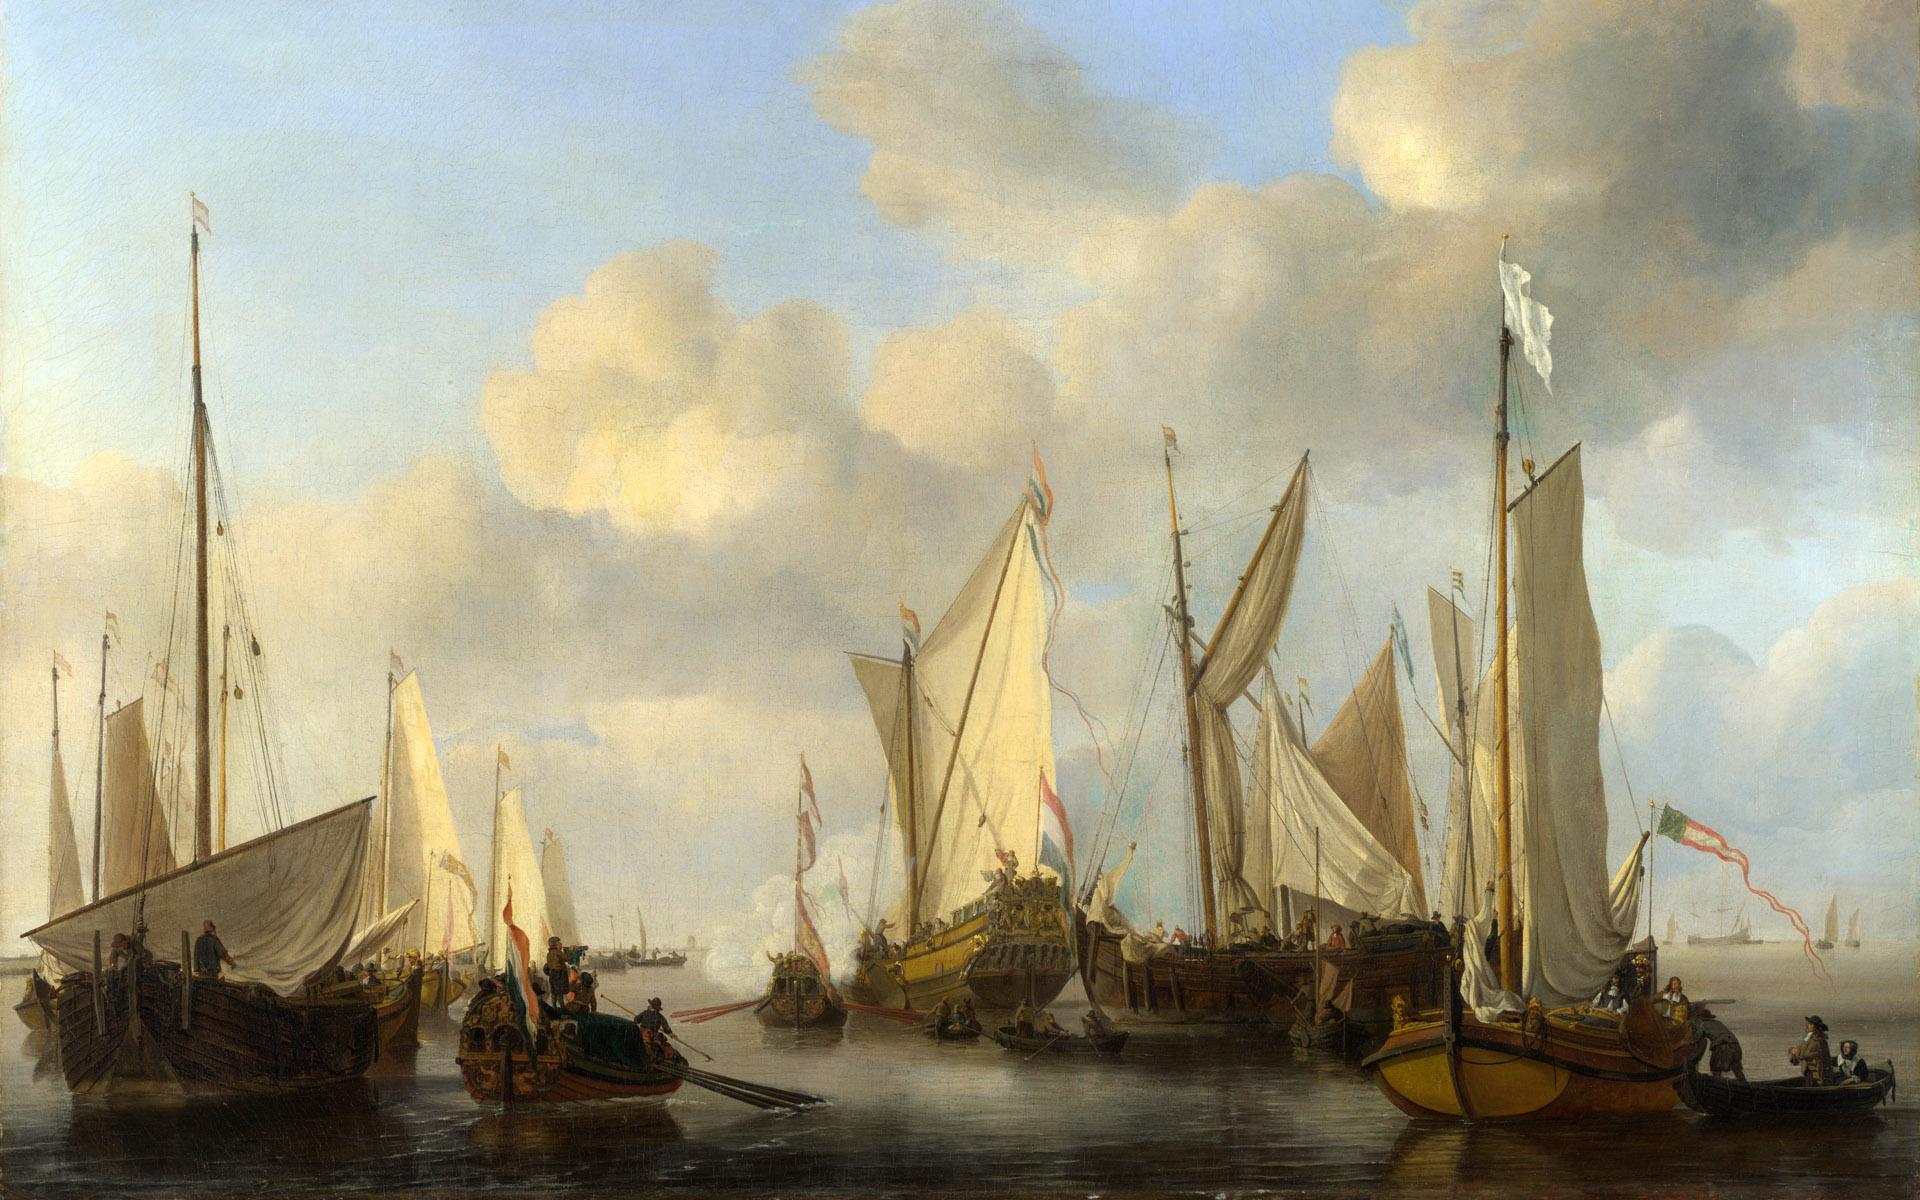 伦敦中世纪帆船噪音油画图片素材2(20P)比亚迪秦pro真空泵风景图片